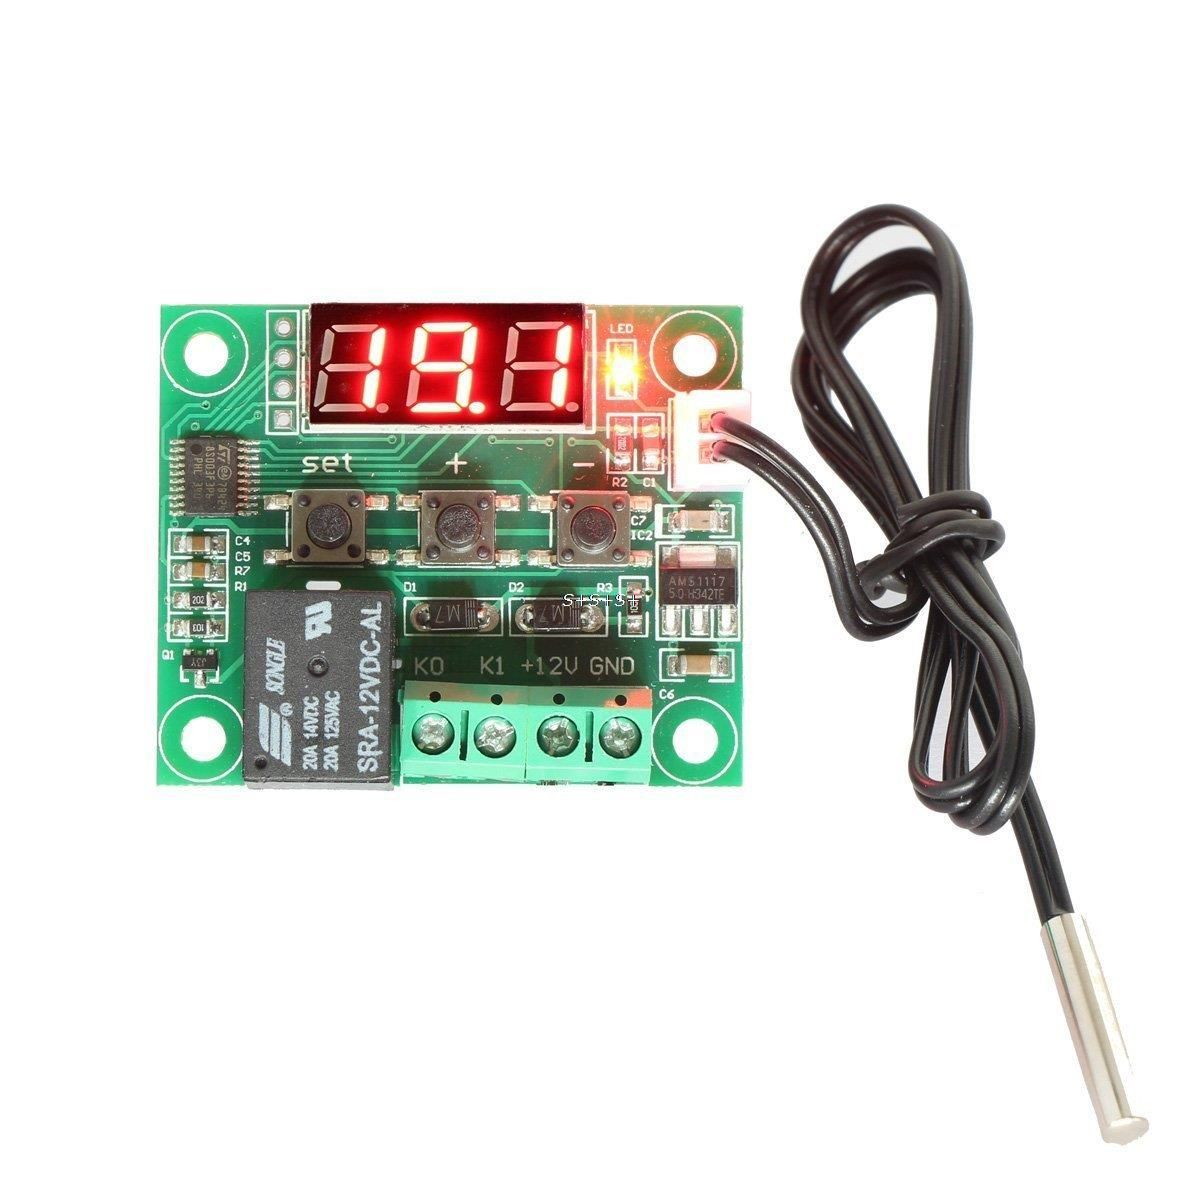 """Если зажать кнопку """"сет"""" на пять и более секунд, то W1209 перейдет в режим настроек. Доступны следующие настройки:"""